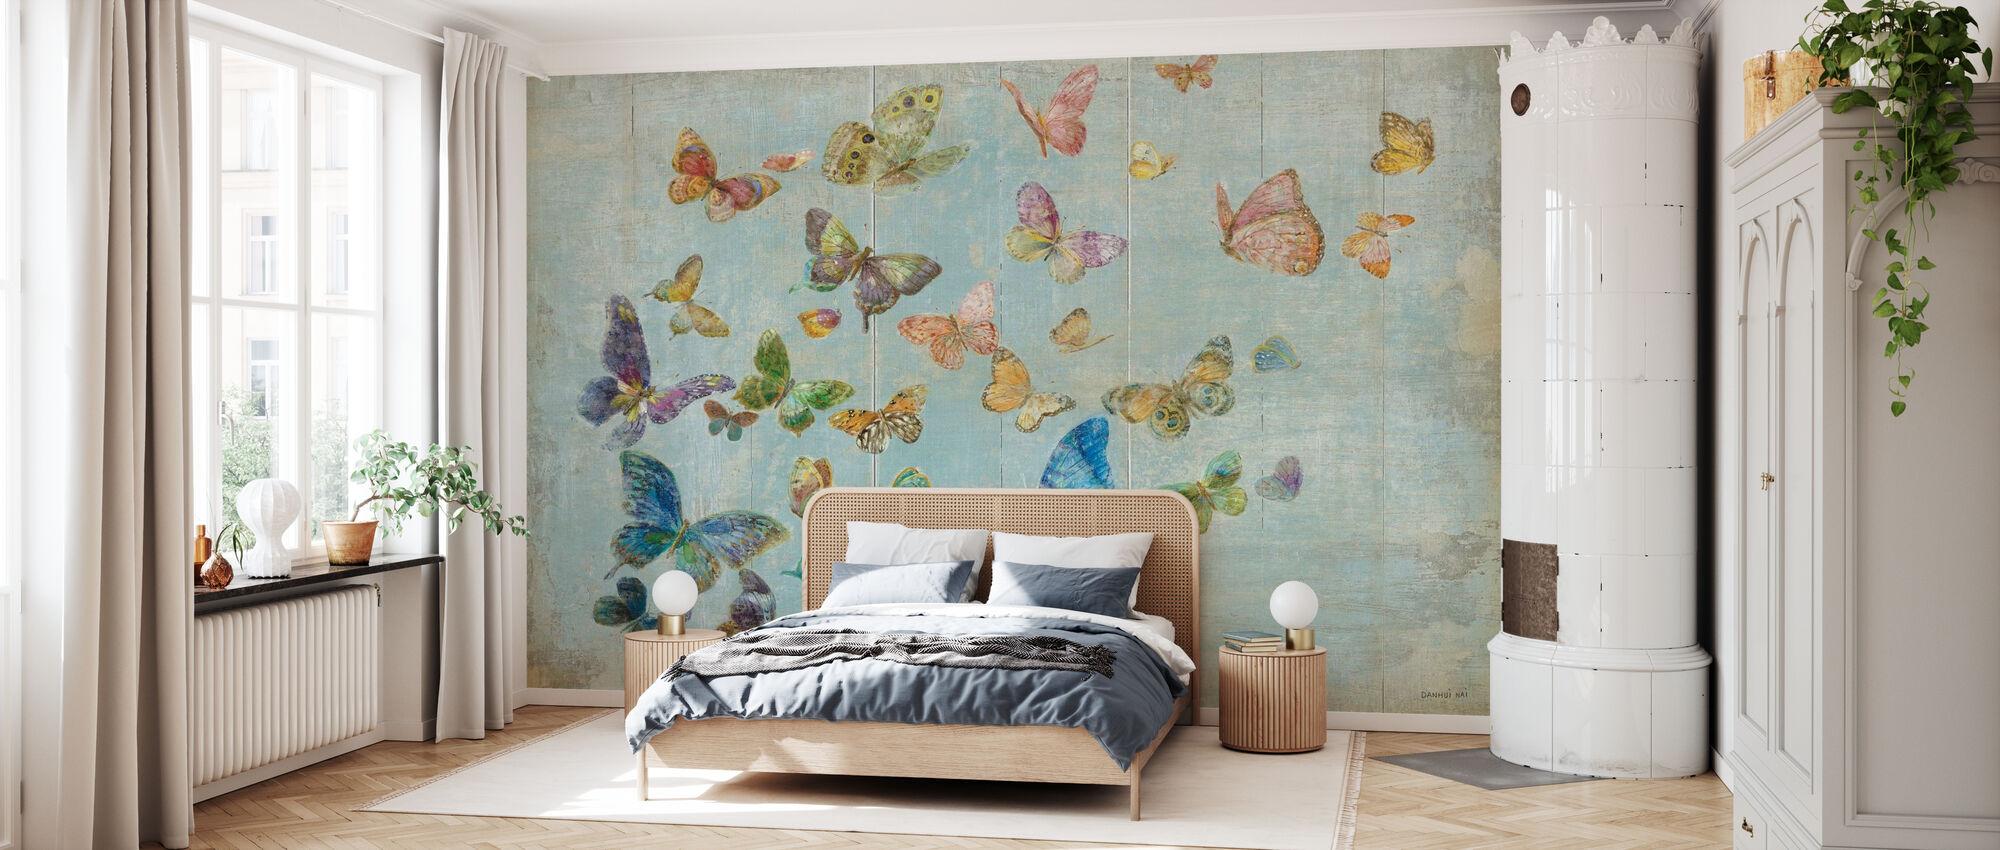 Butterflies - Wallpaper - Bedroom